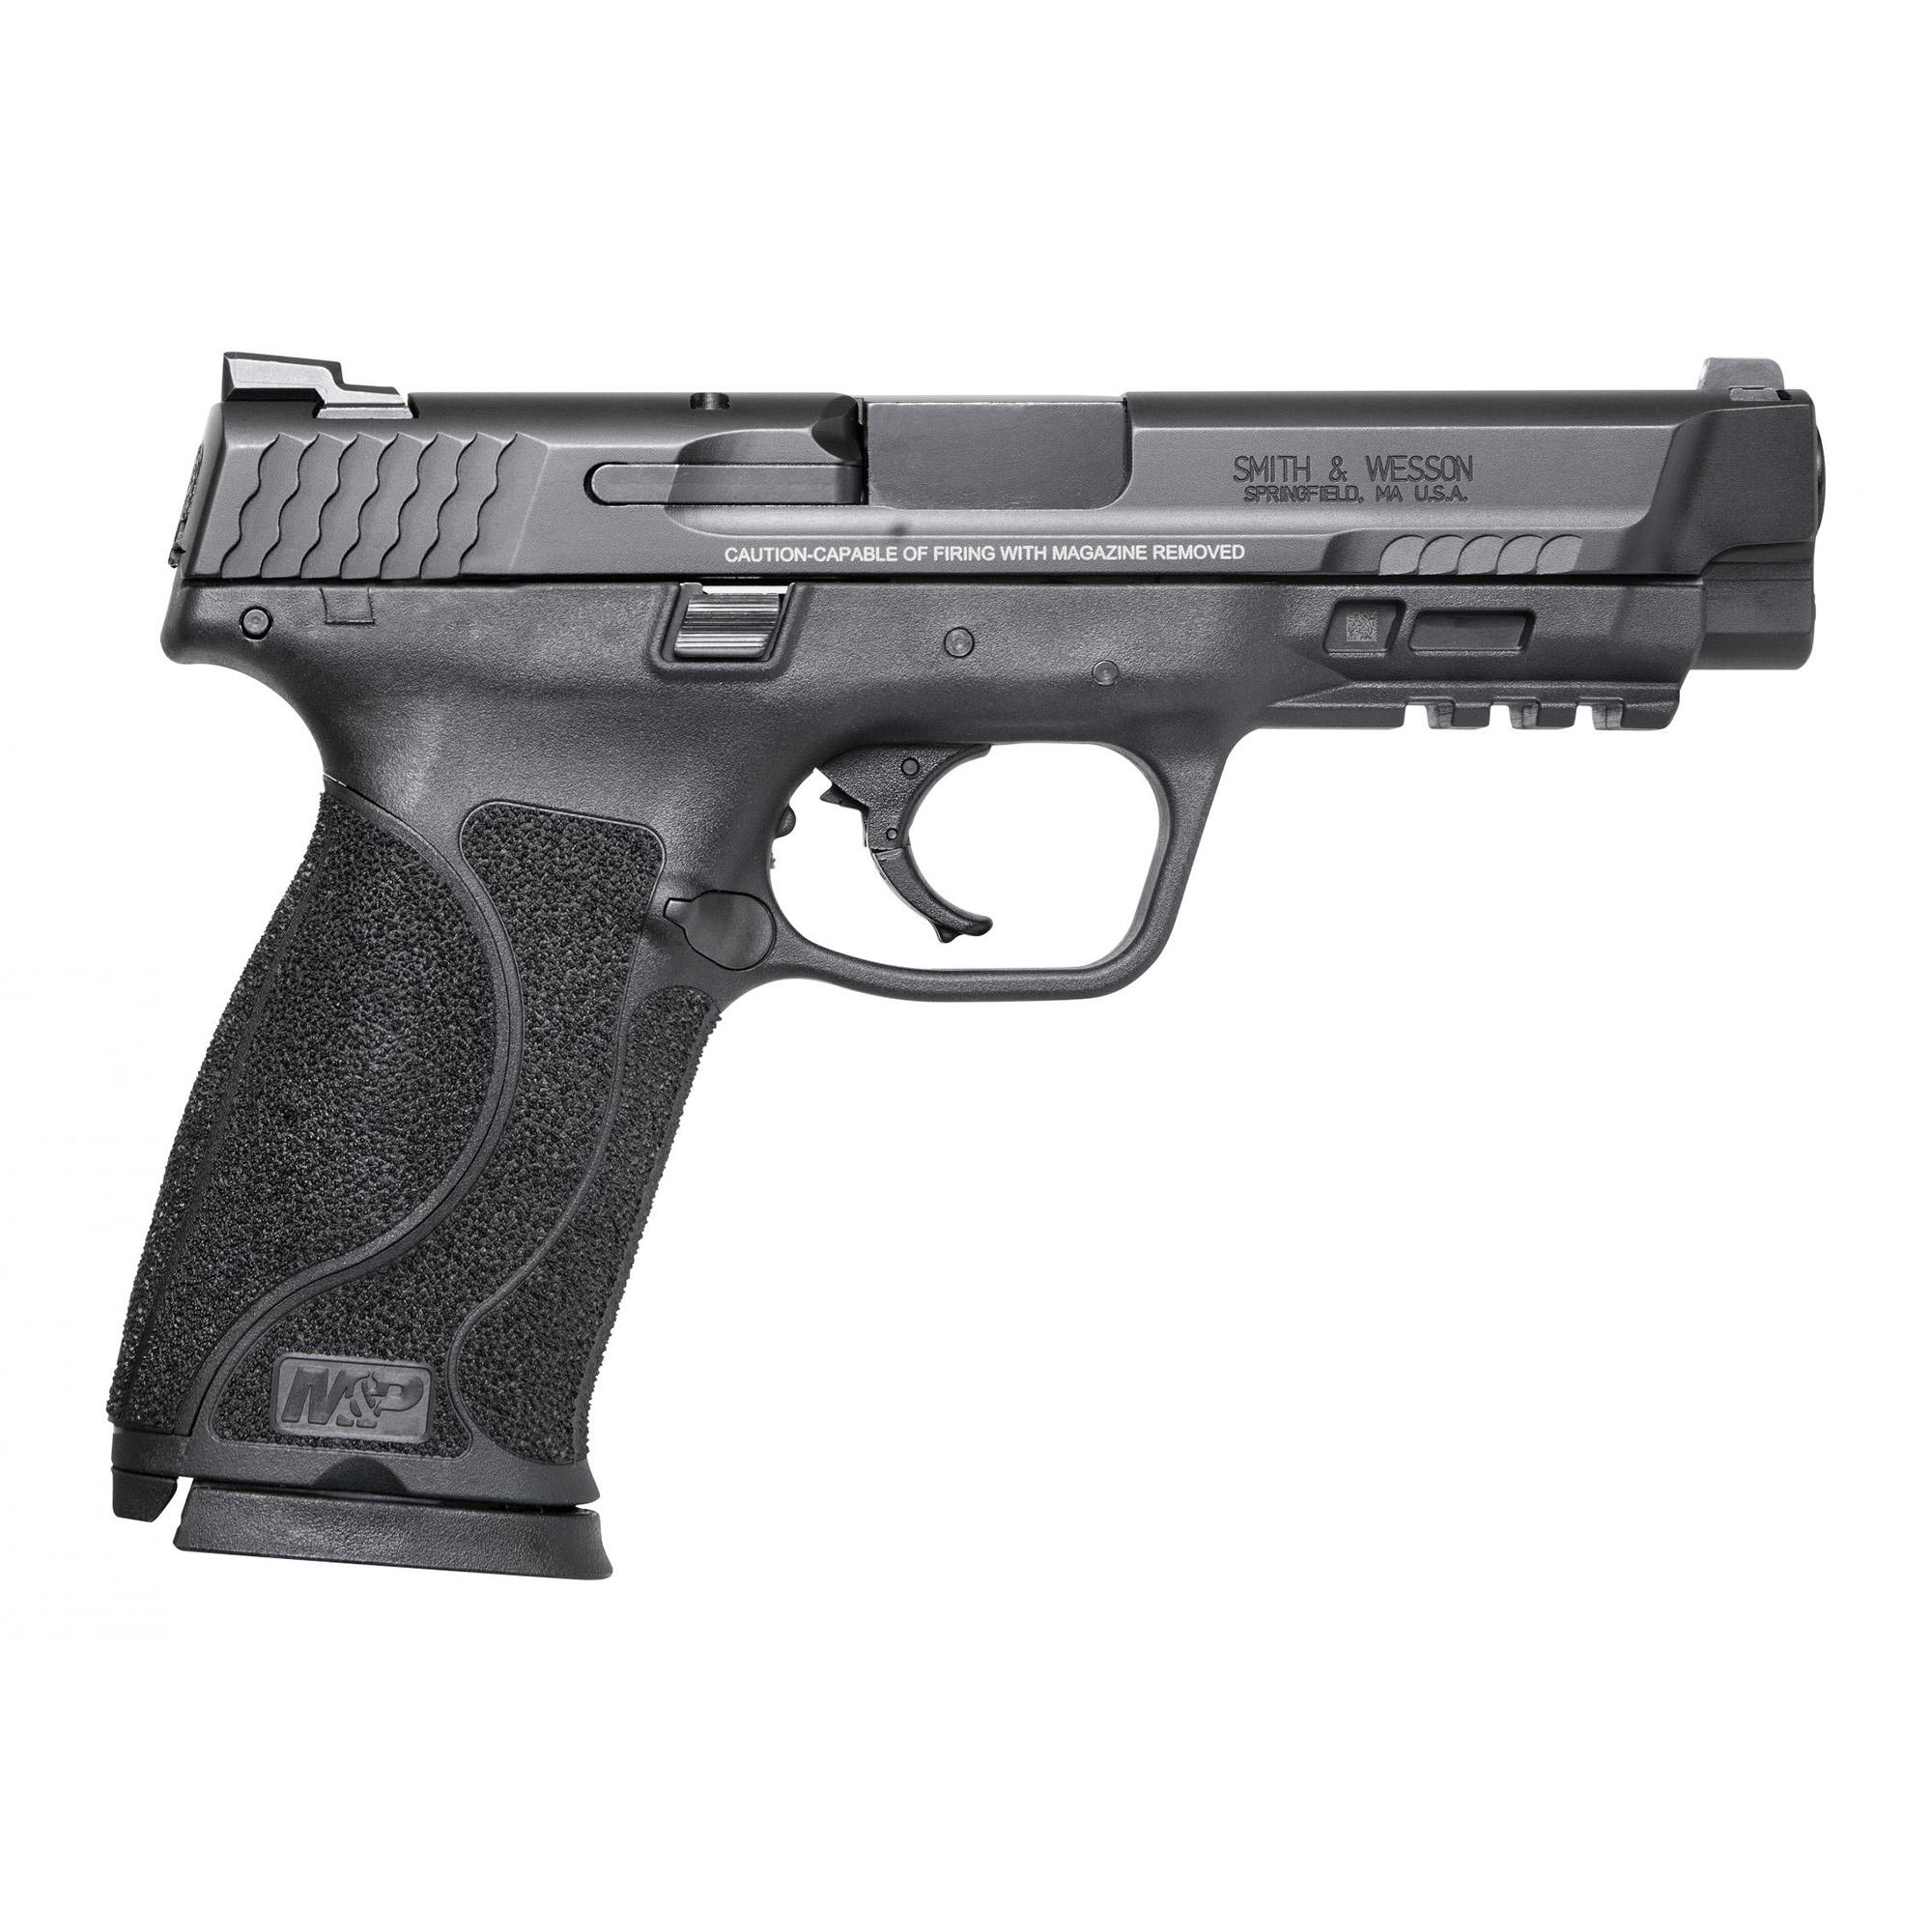 Smith & Wesson MP M2.0 Handgun, .45 ACP, 10 Rd.